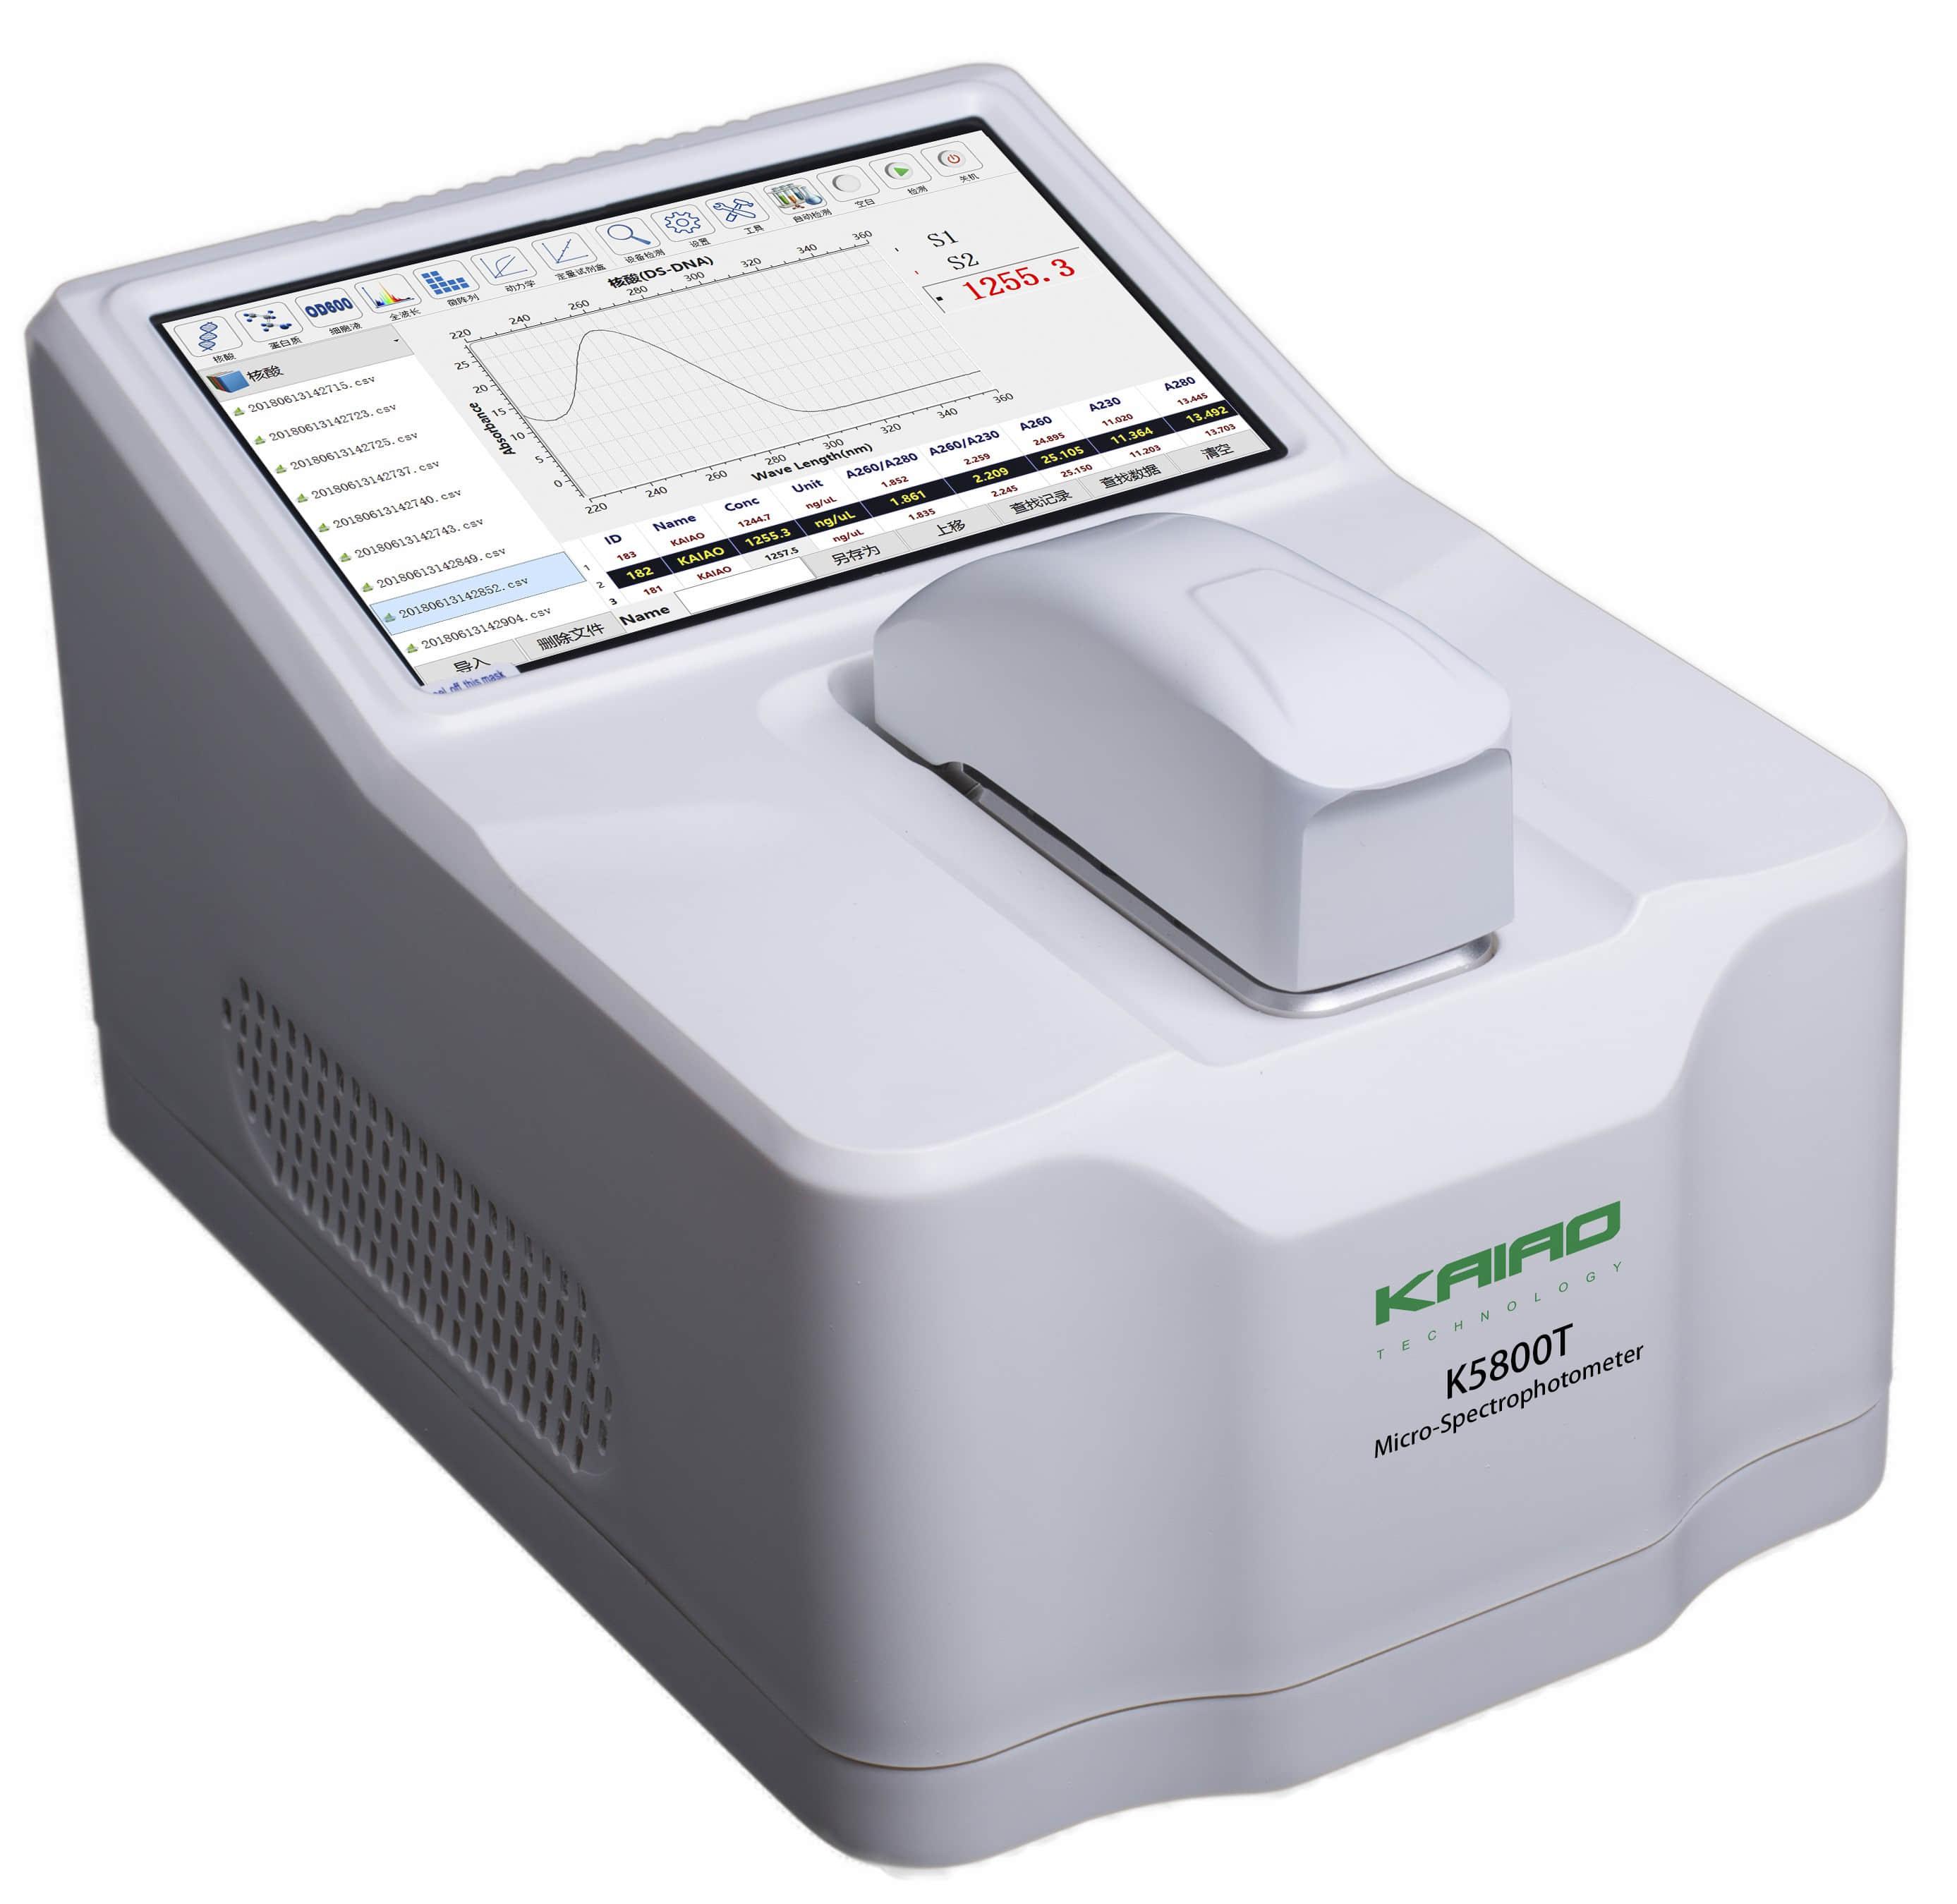 凯奥K5800C自动检测超微量分光光度计